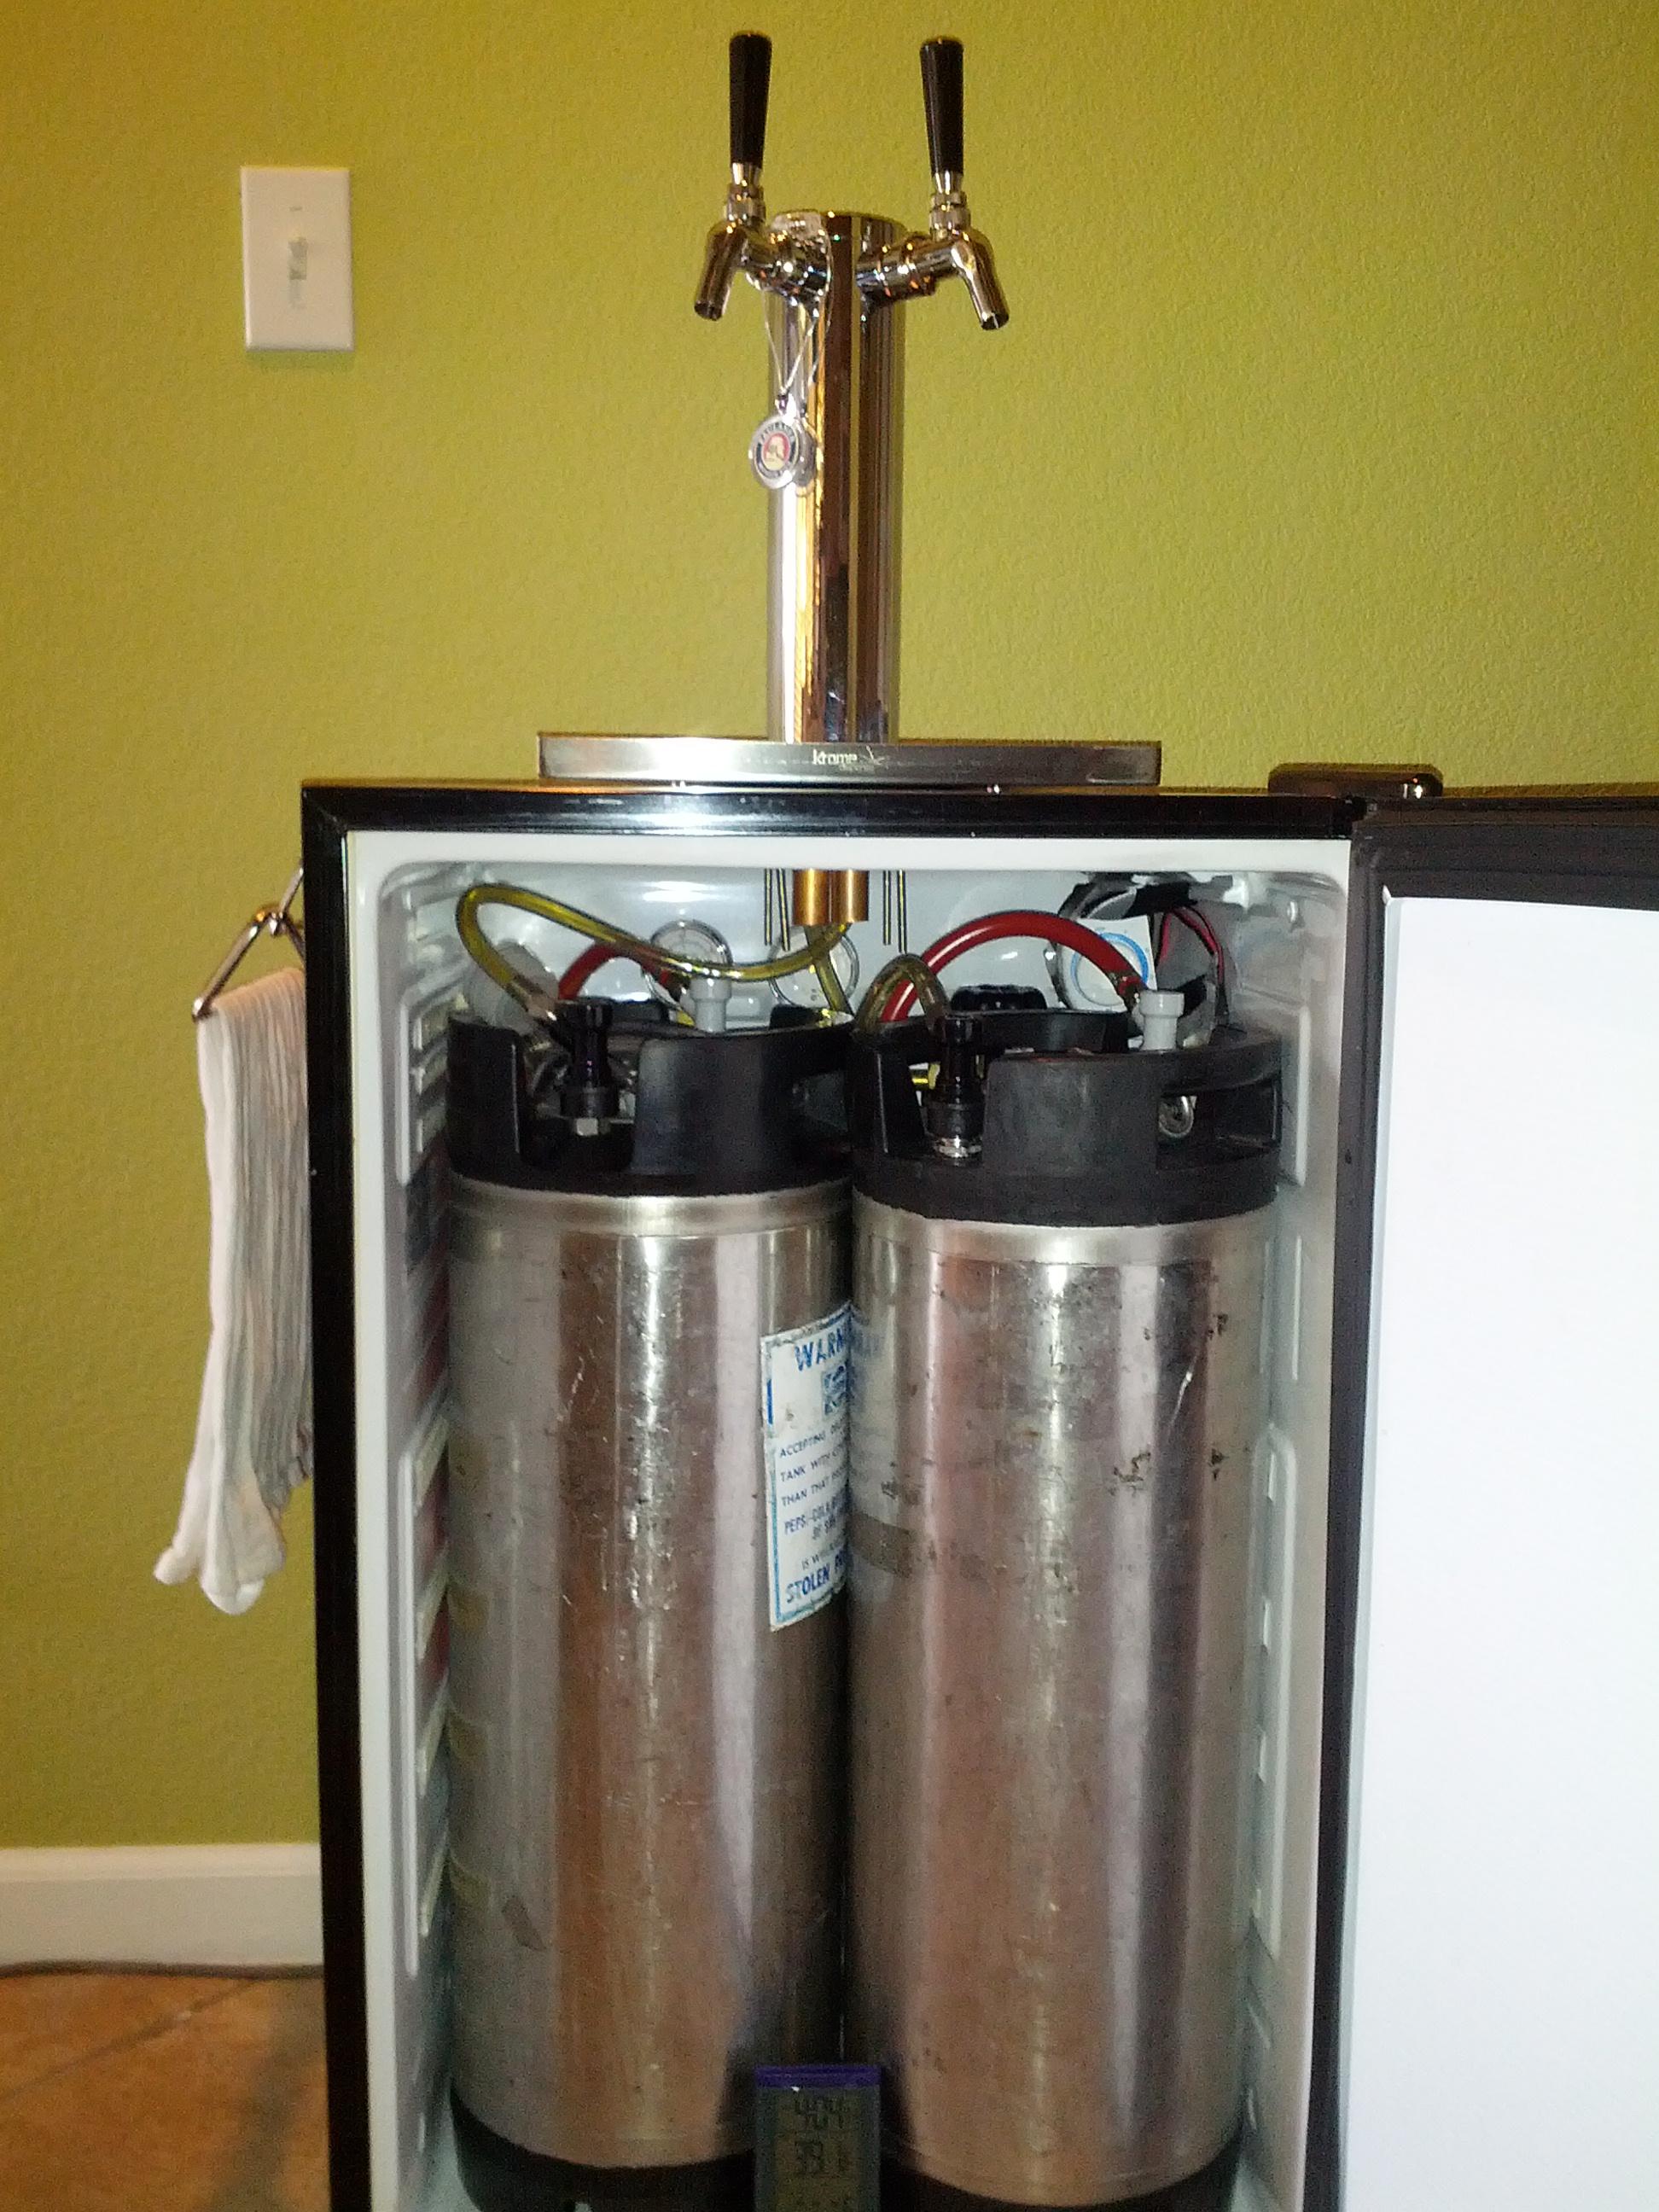 Homemade kegerator tower homemade ftempo for Homemade tower